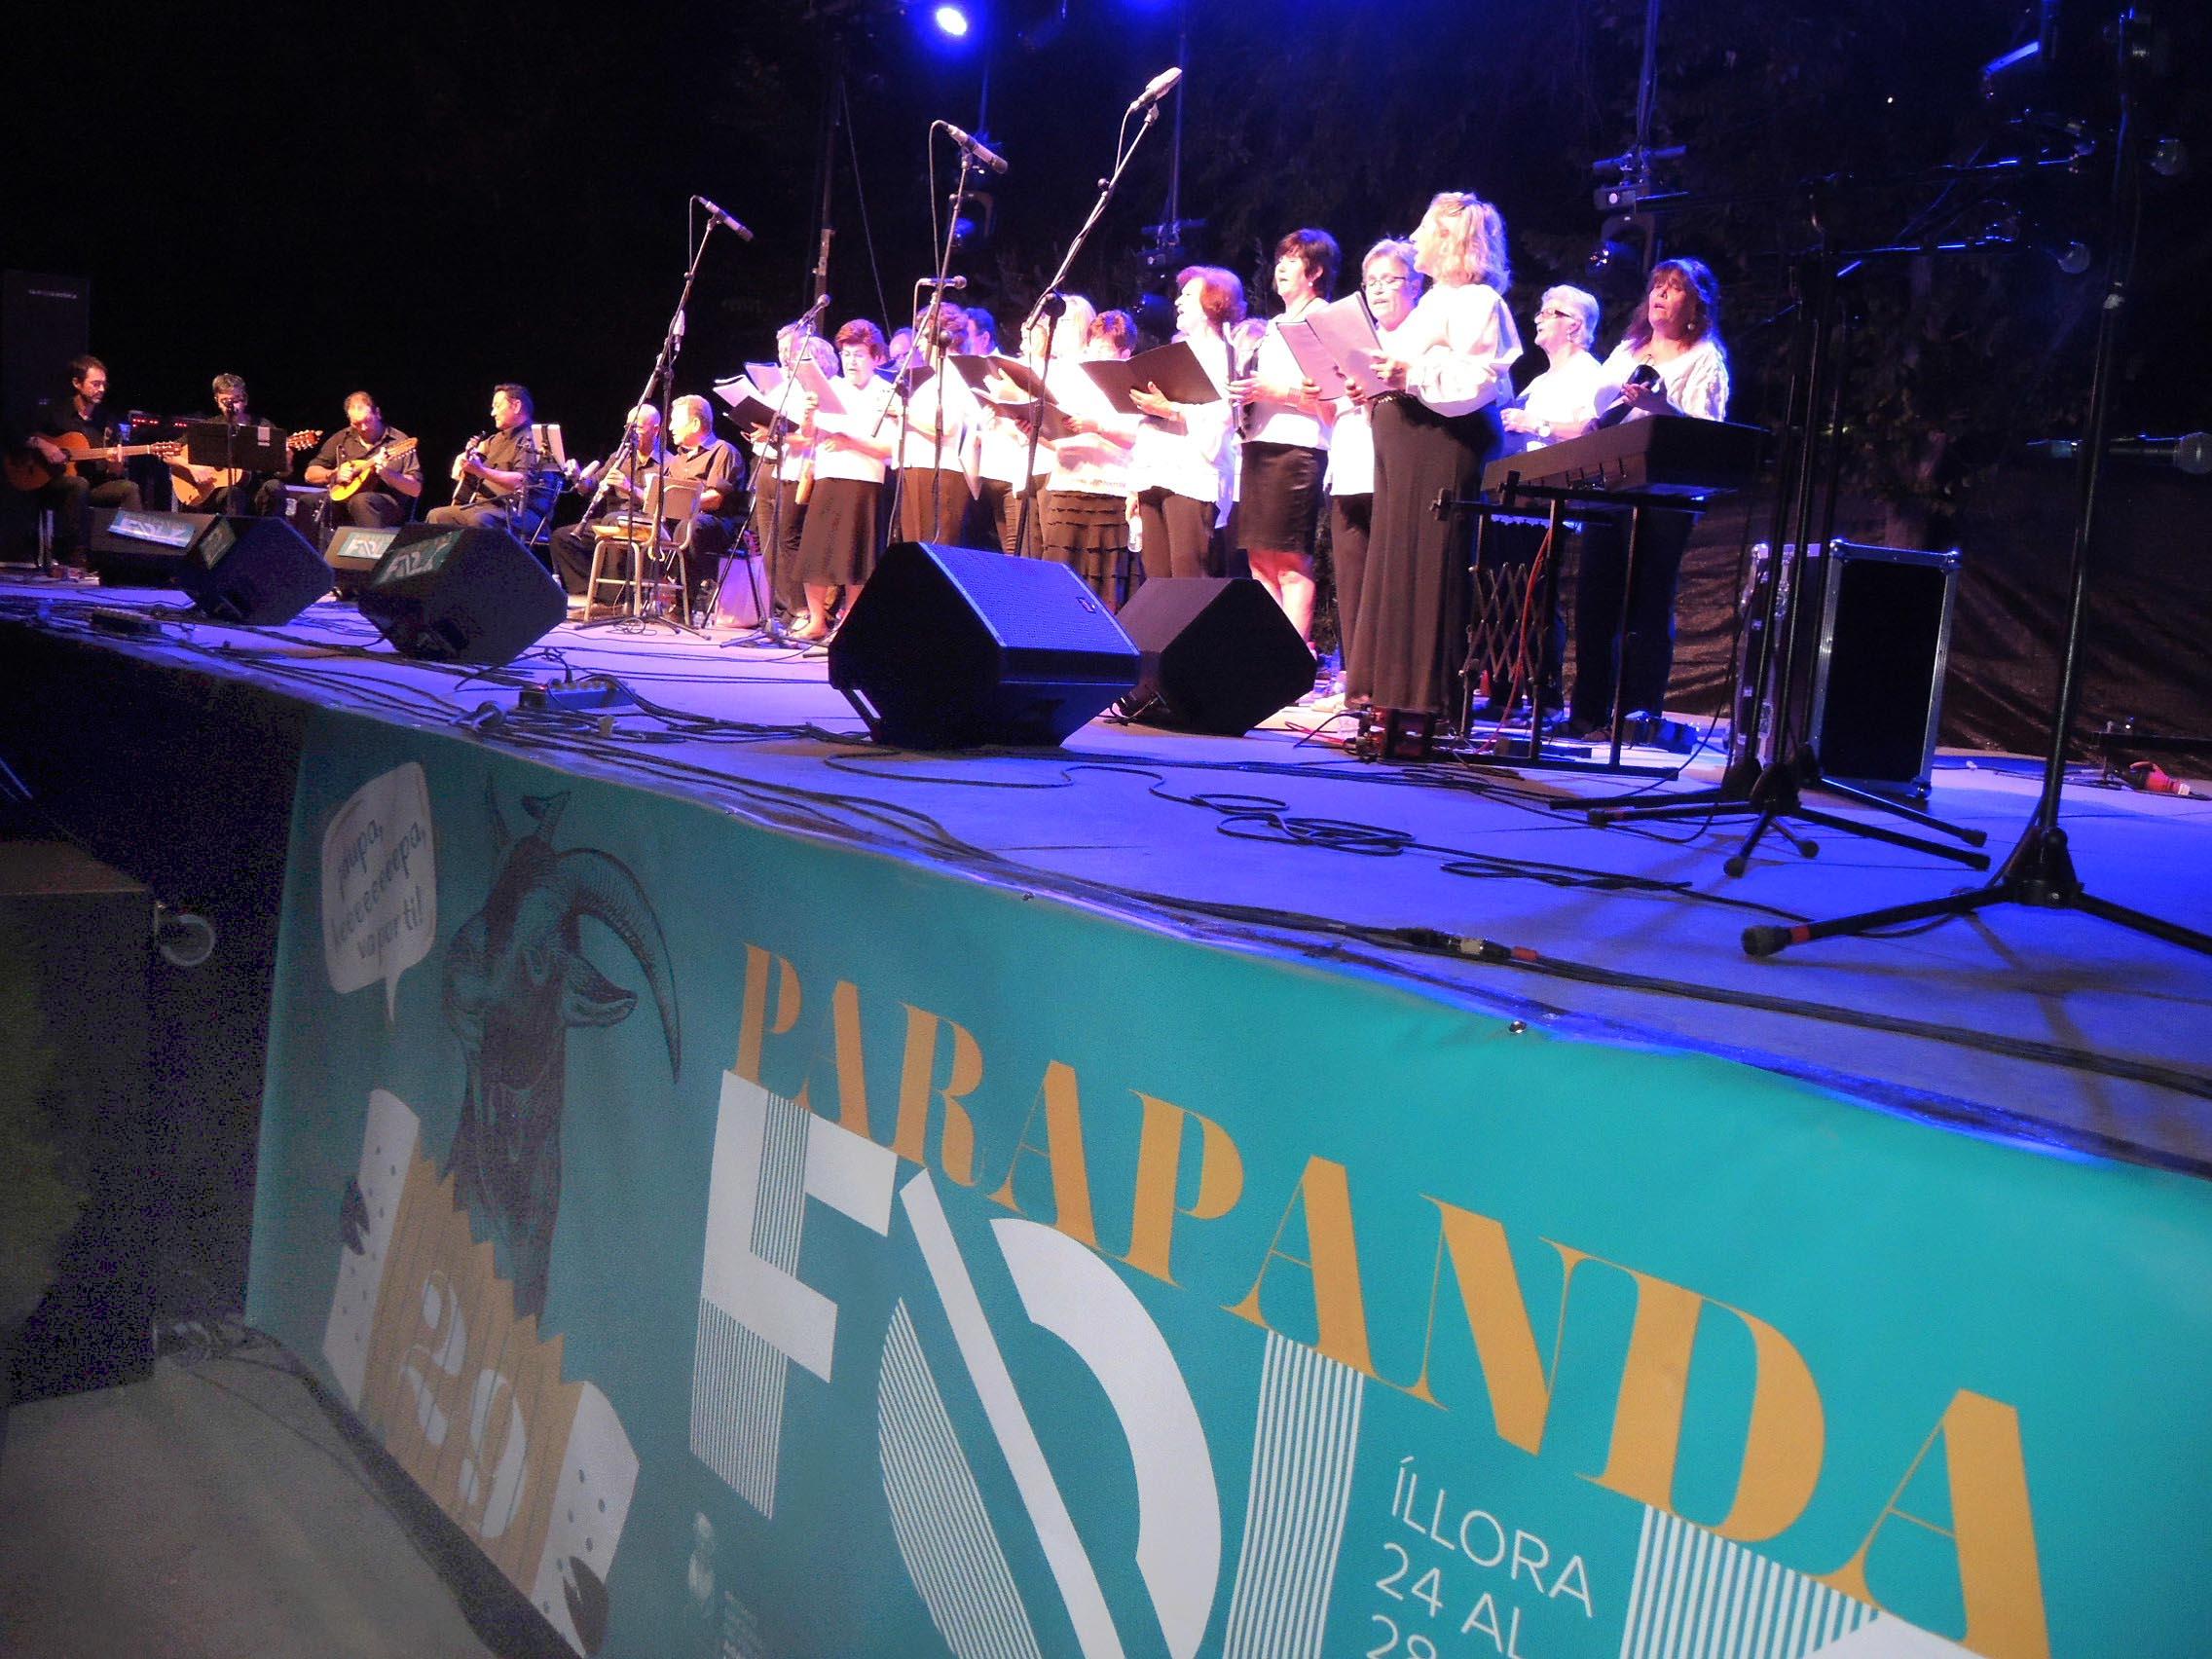 Canciones tradicionales del pueblo en el Parapanda Folk de Illora